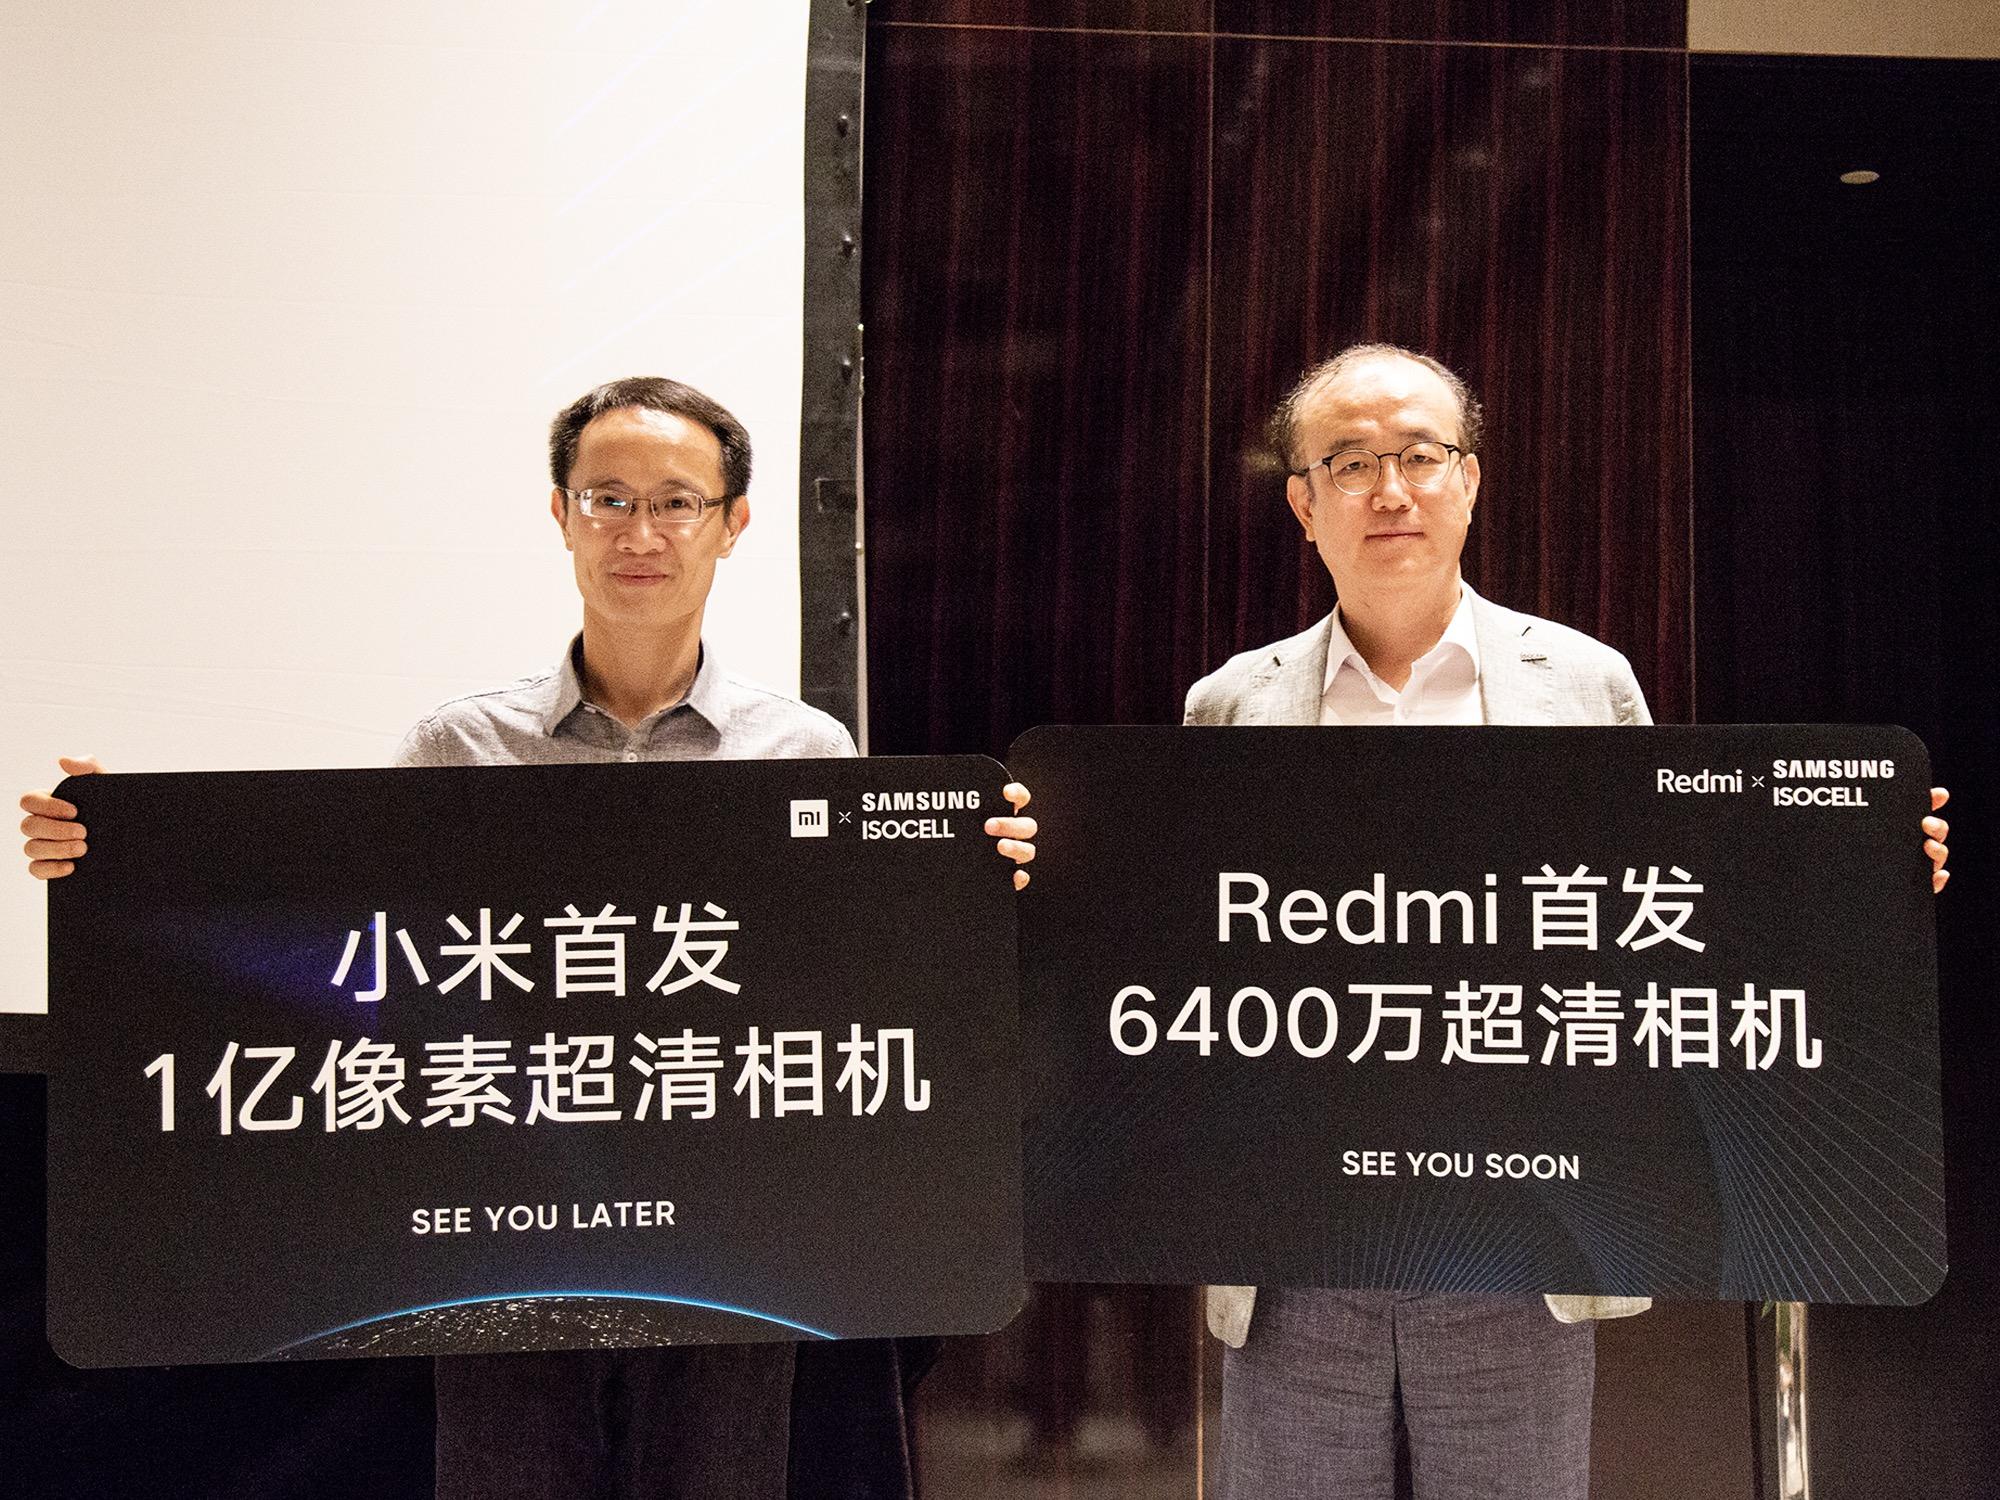 Redmi 攜手三星全球首發6400萬畫素 | 小米 更祭出1億畫素